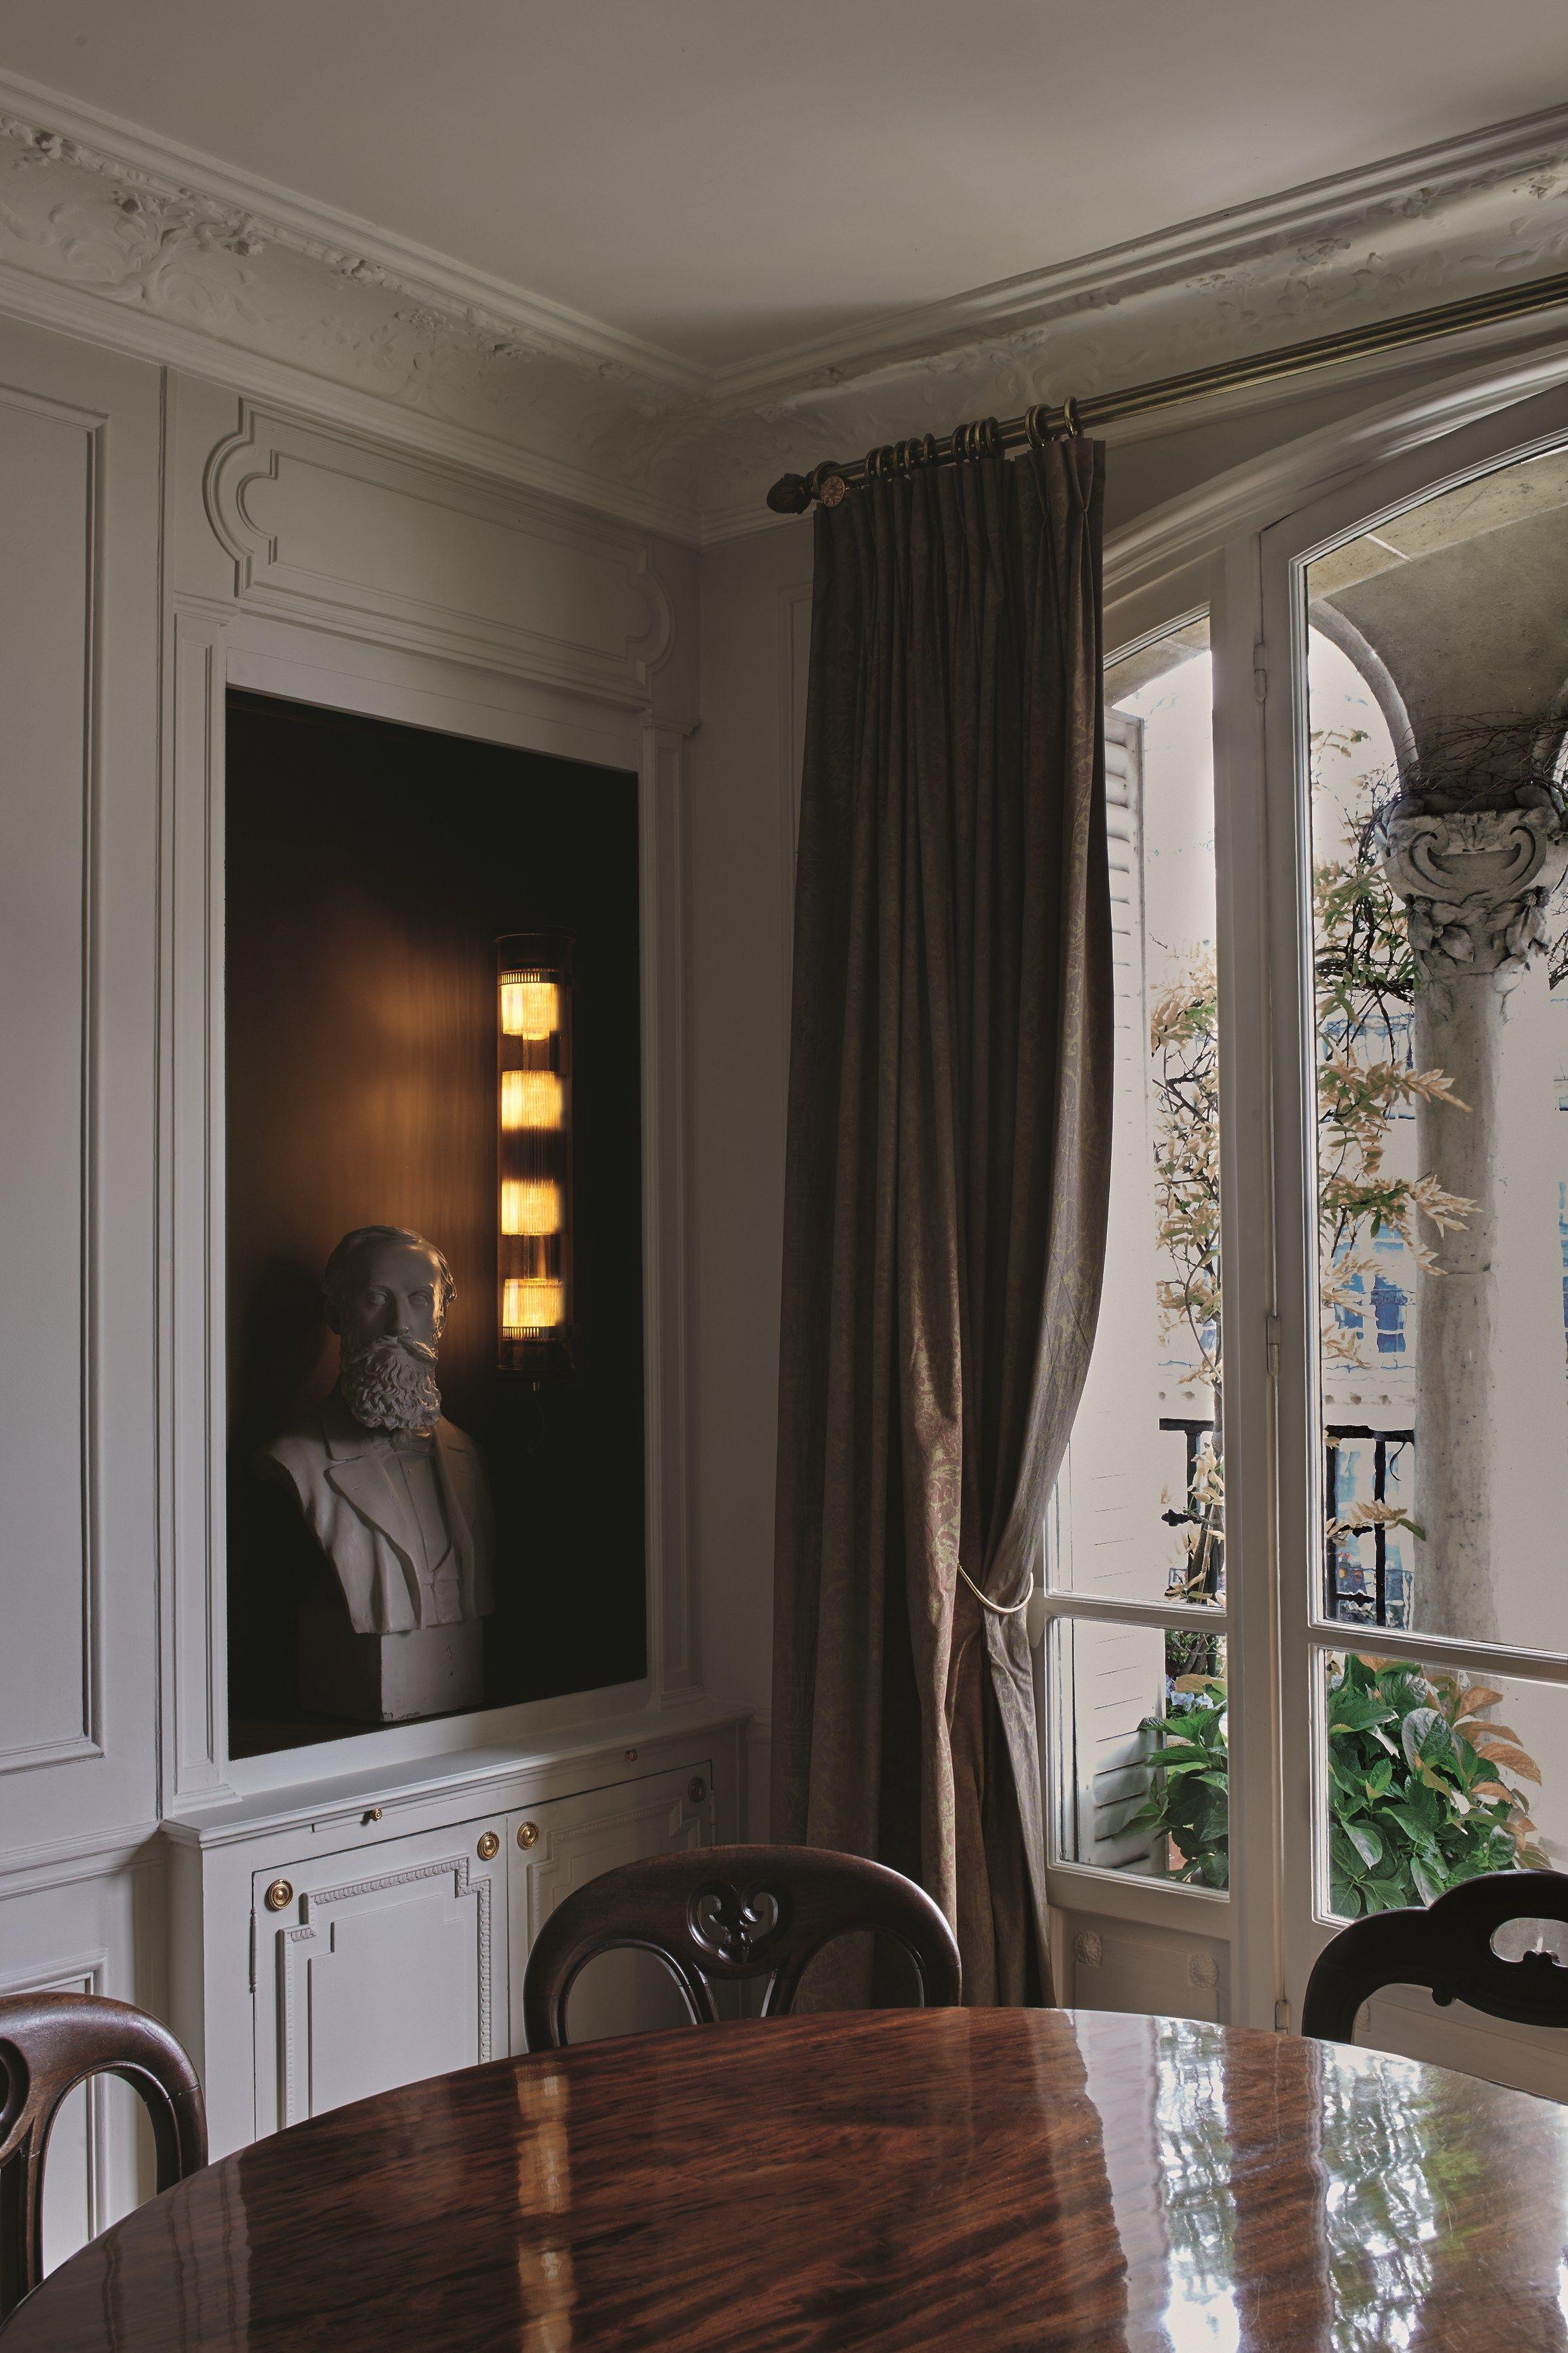 Lampada a sospensione lampada da parete in vetro borosilicato in the tube 120 700 by dcw - Dcw edities ...